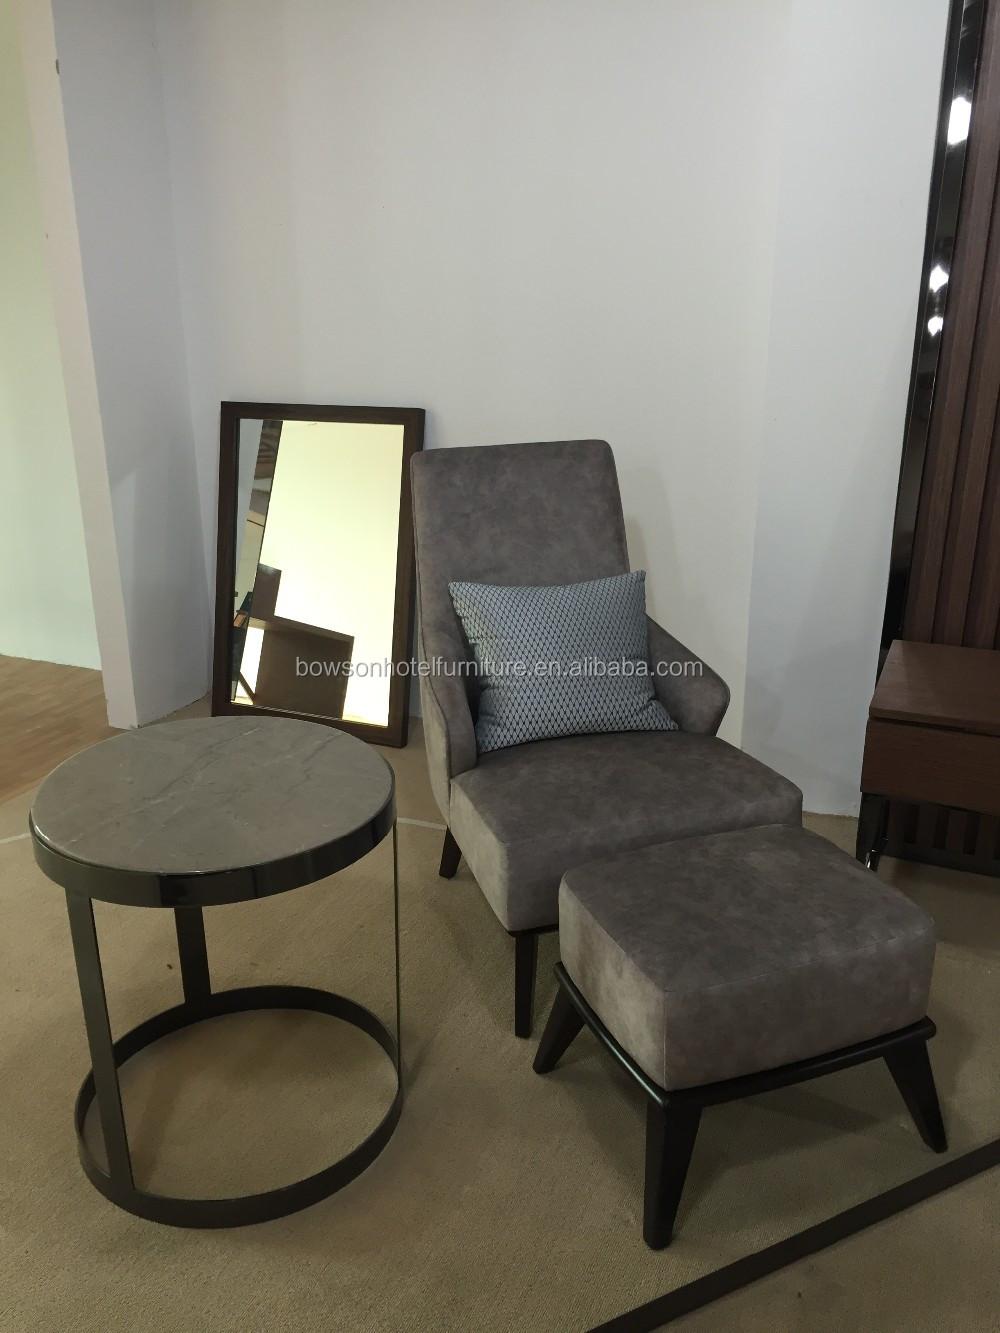 Hotel Room Furniture: Foshan Hotel Furniture Manufacturer Supply Bedroom Room